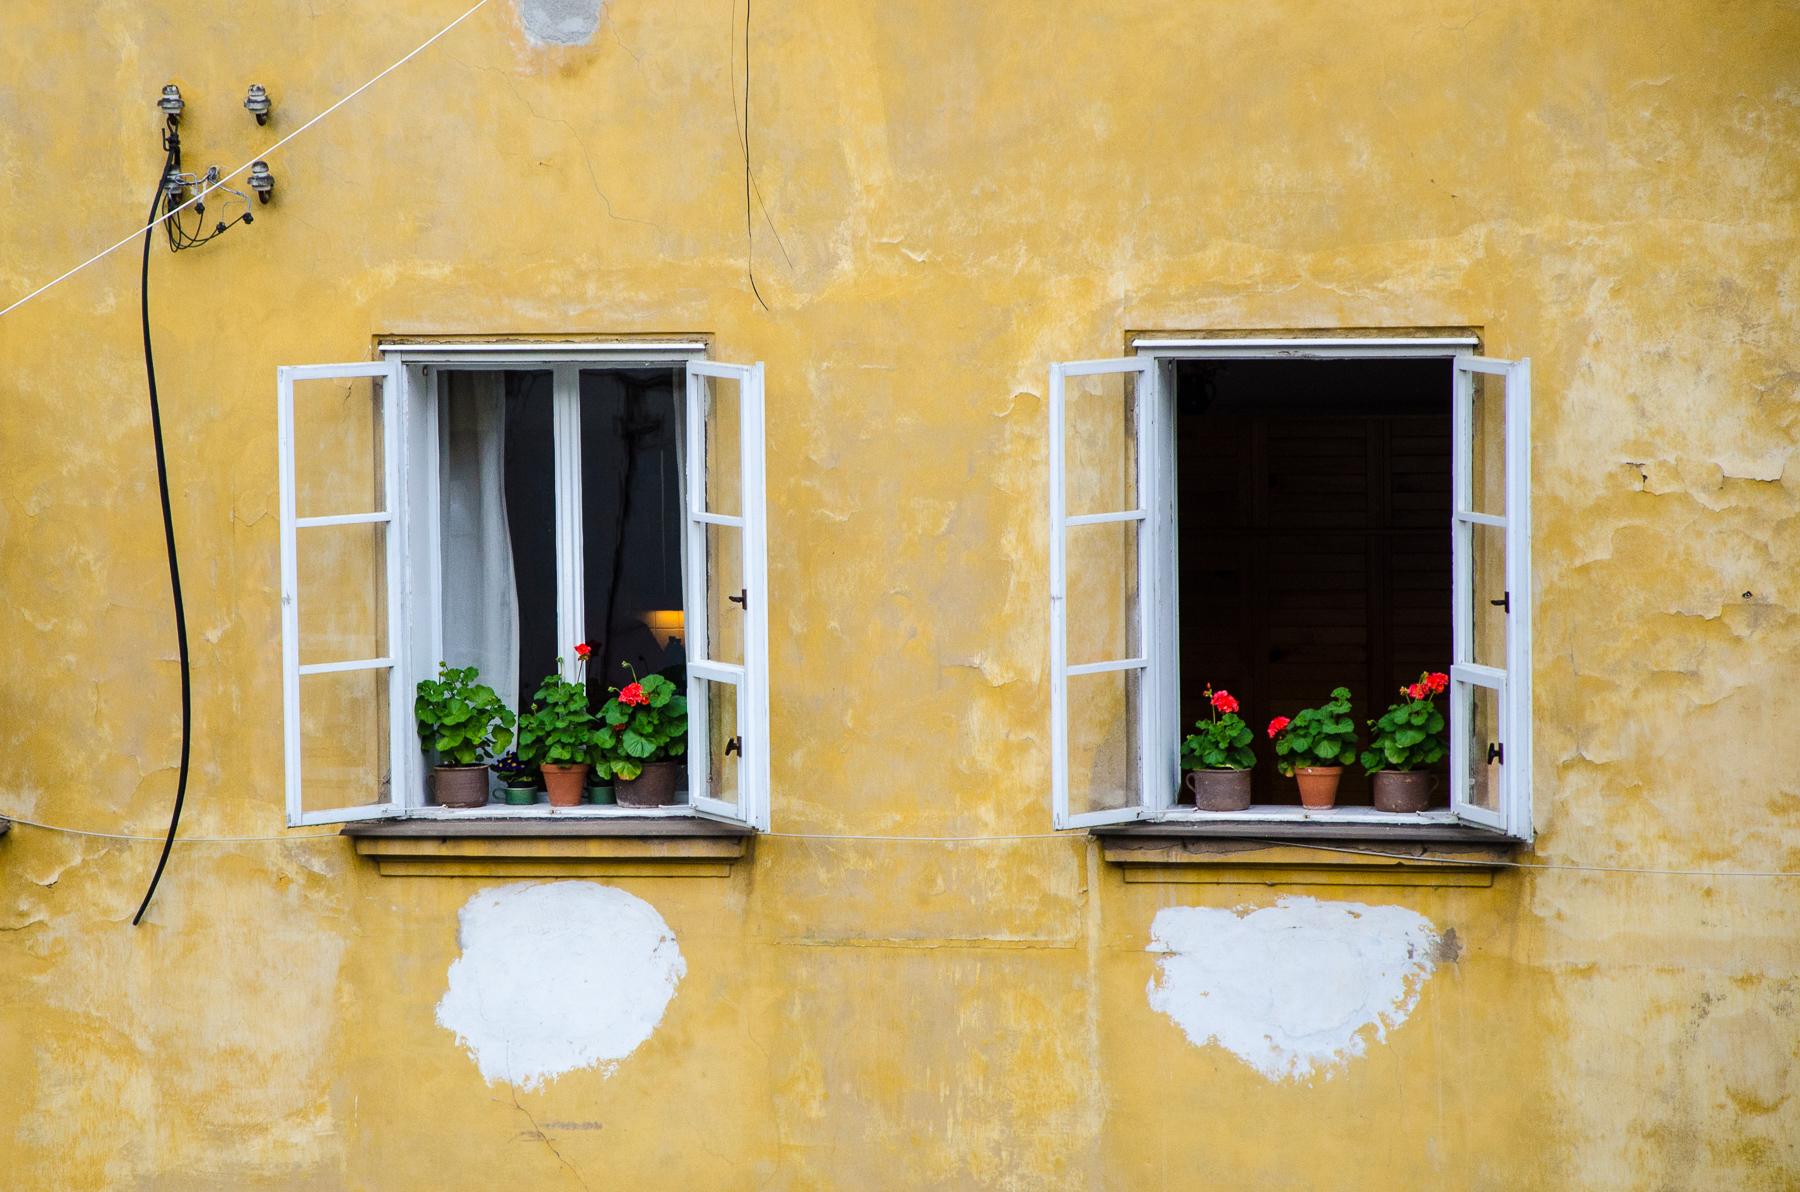 Okna - vděčné téma pro focení kdekoli ve městě i na vesnici